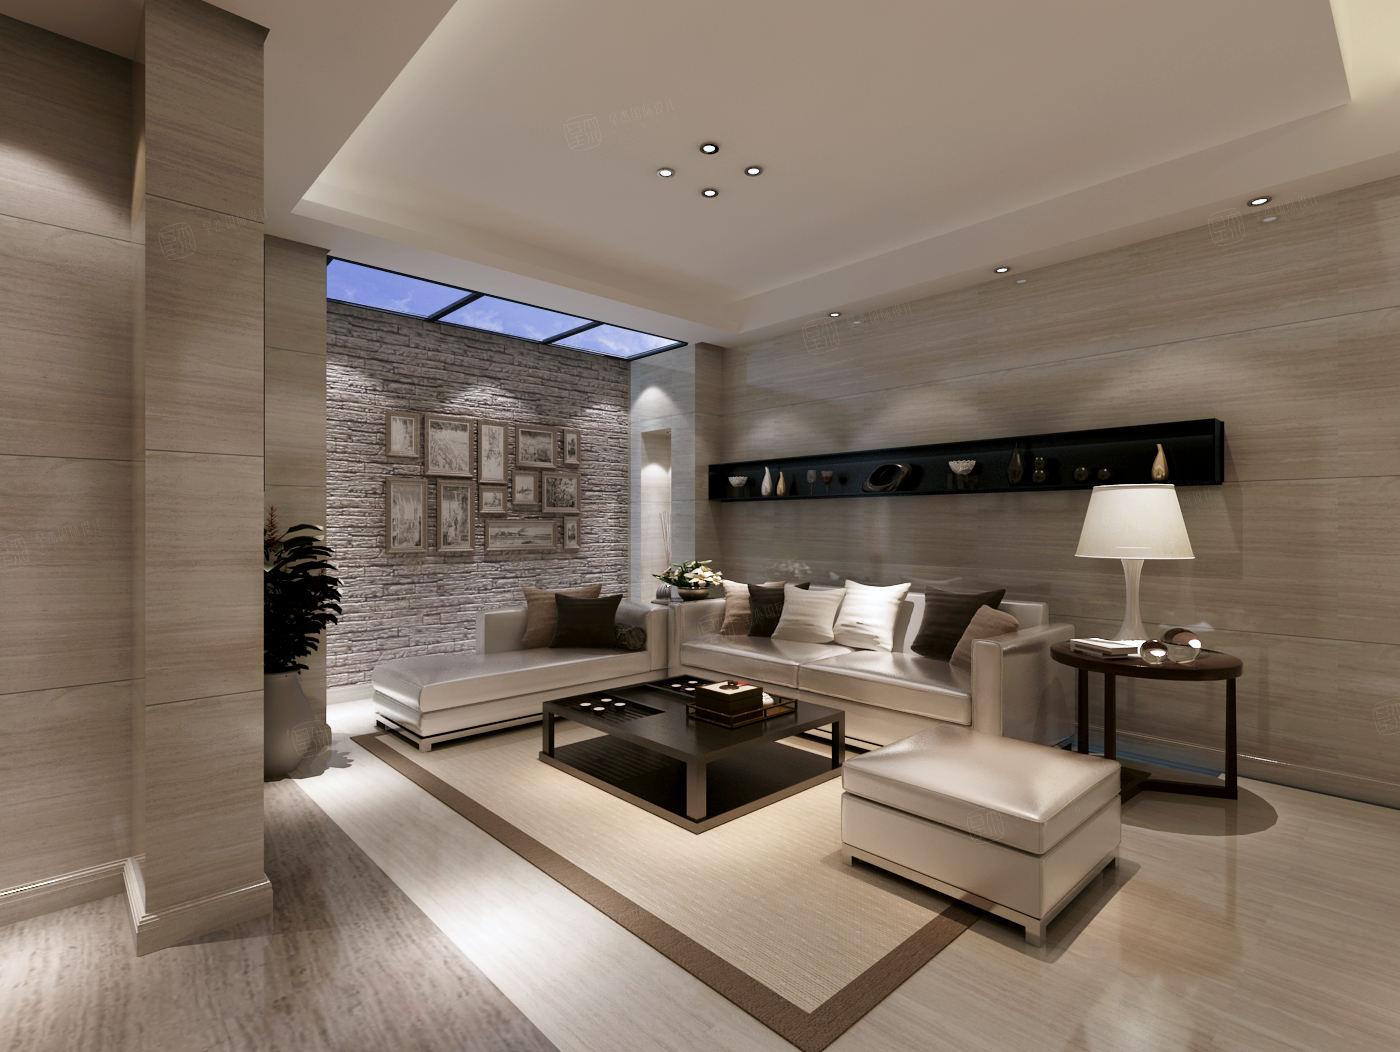 莫奈庄园 现代简约装修起居室效果图